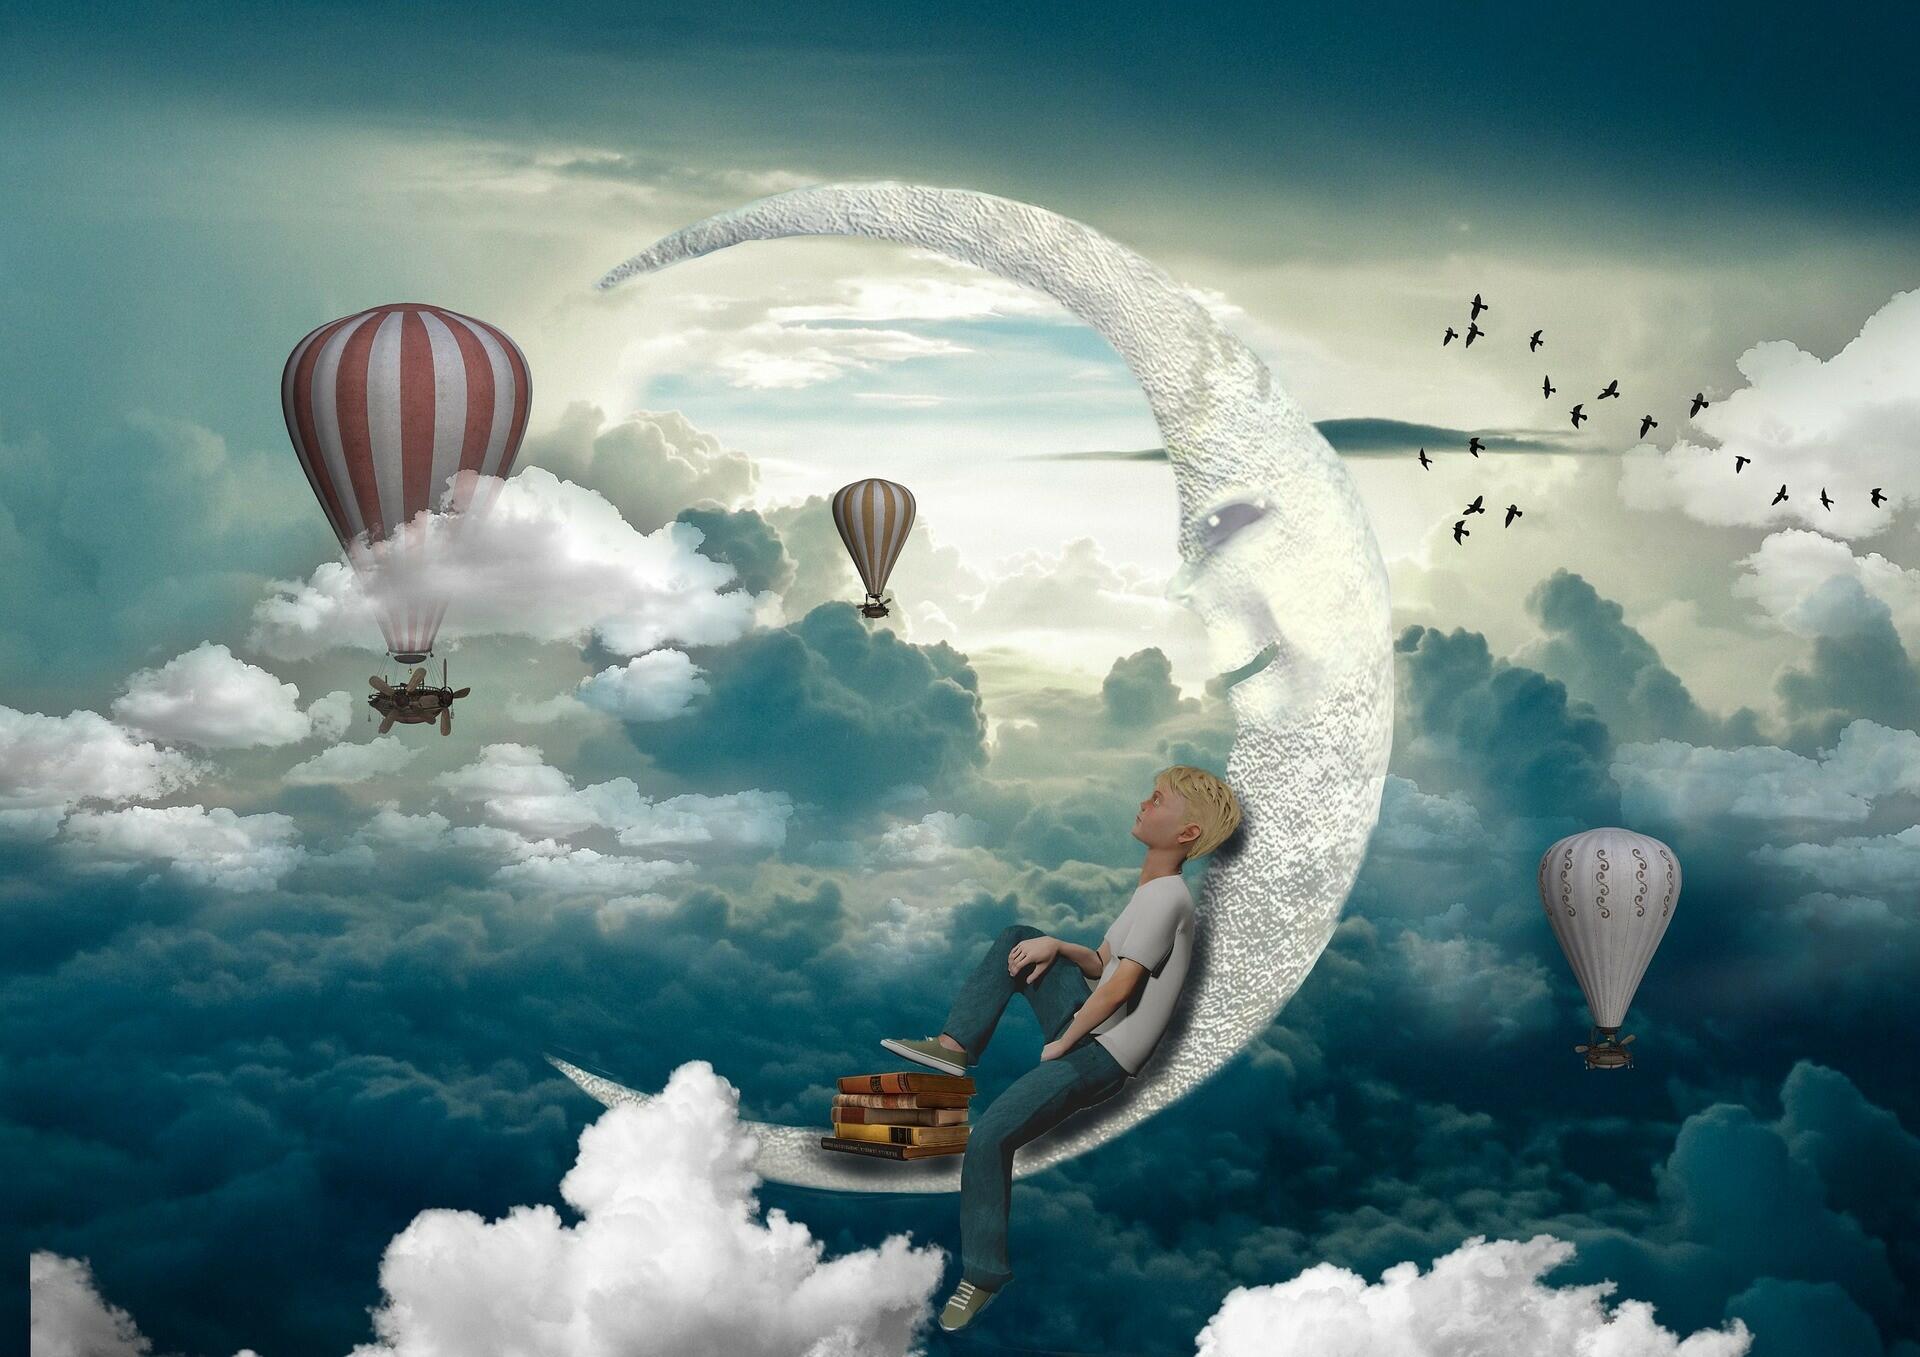 Как исполнить мечту: простая техника исполнения ваших желаний